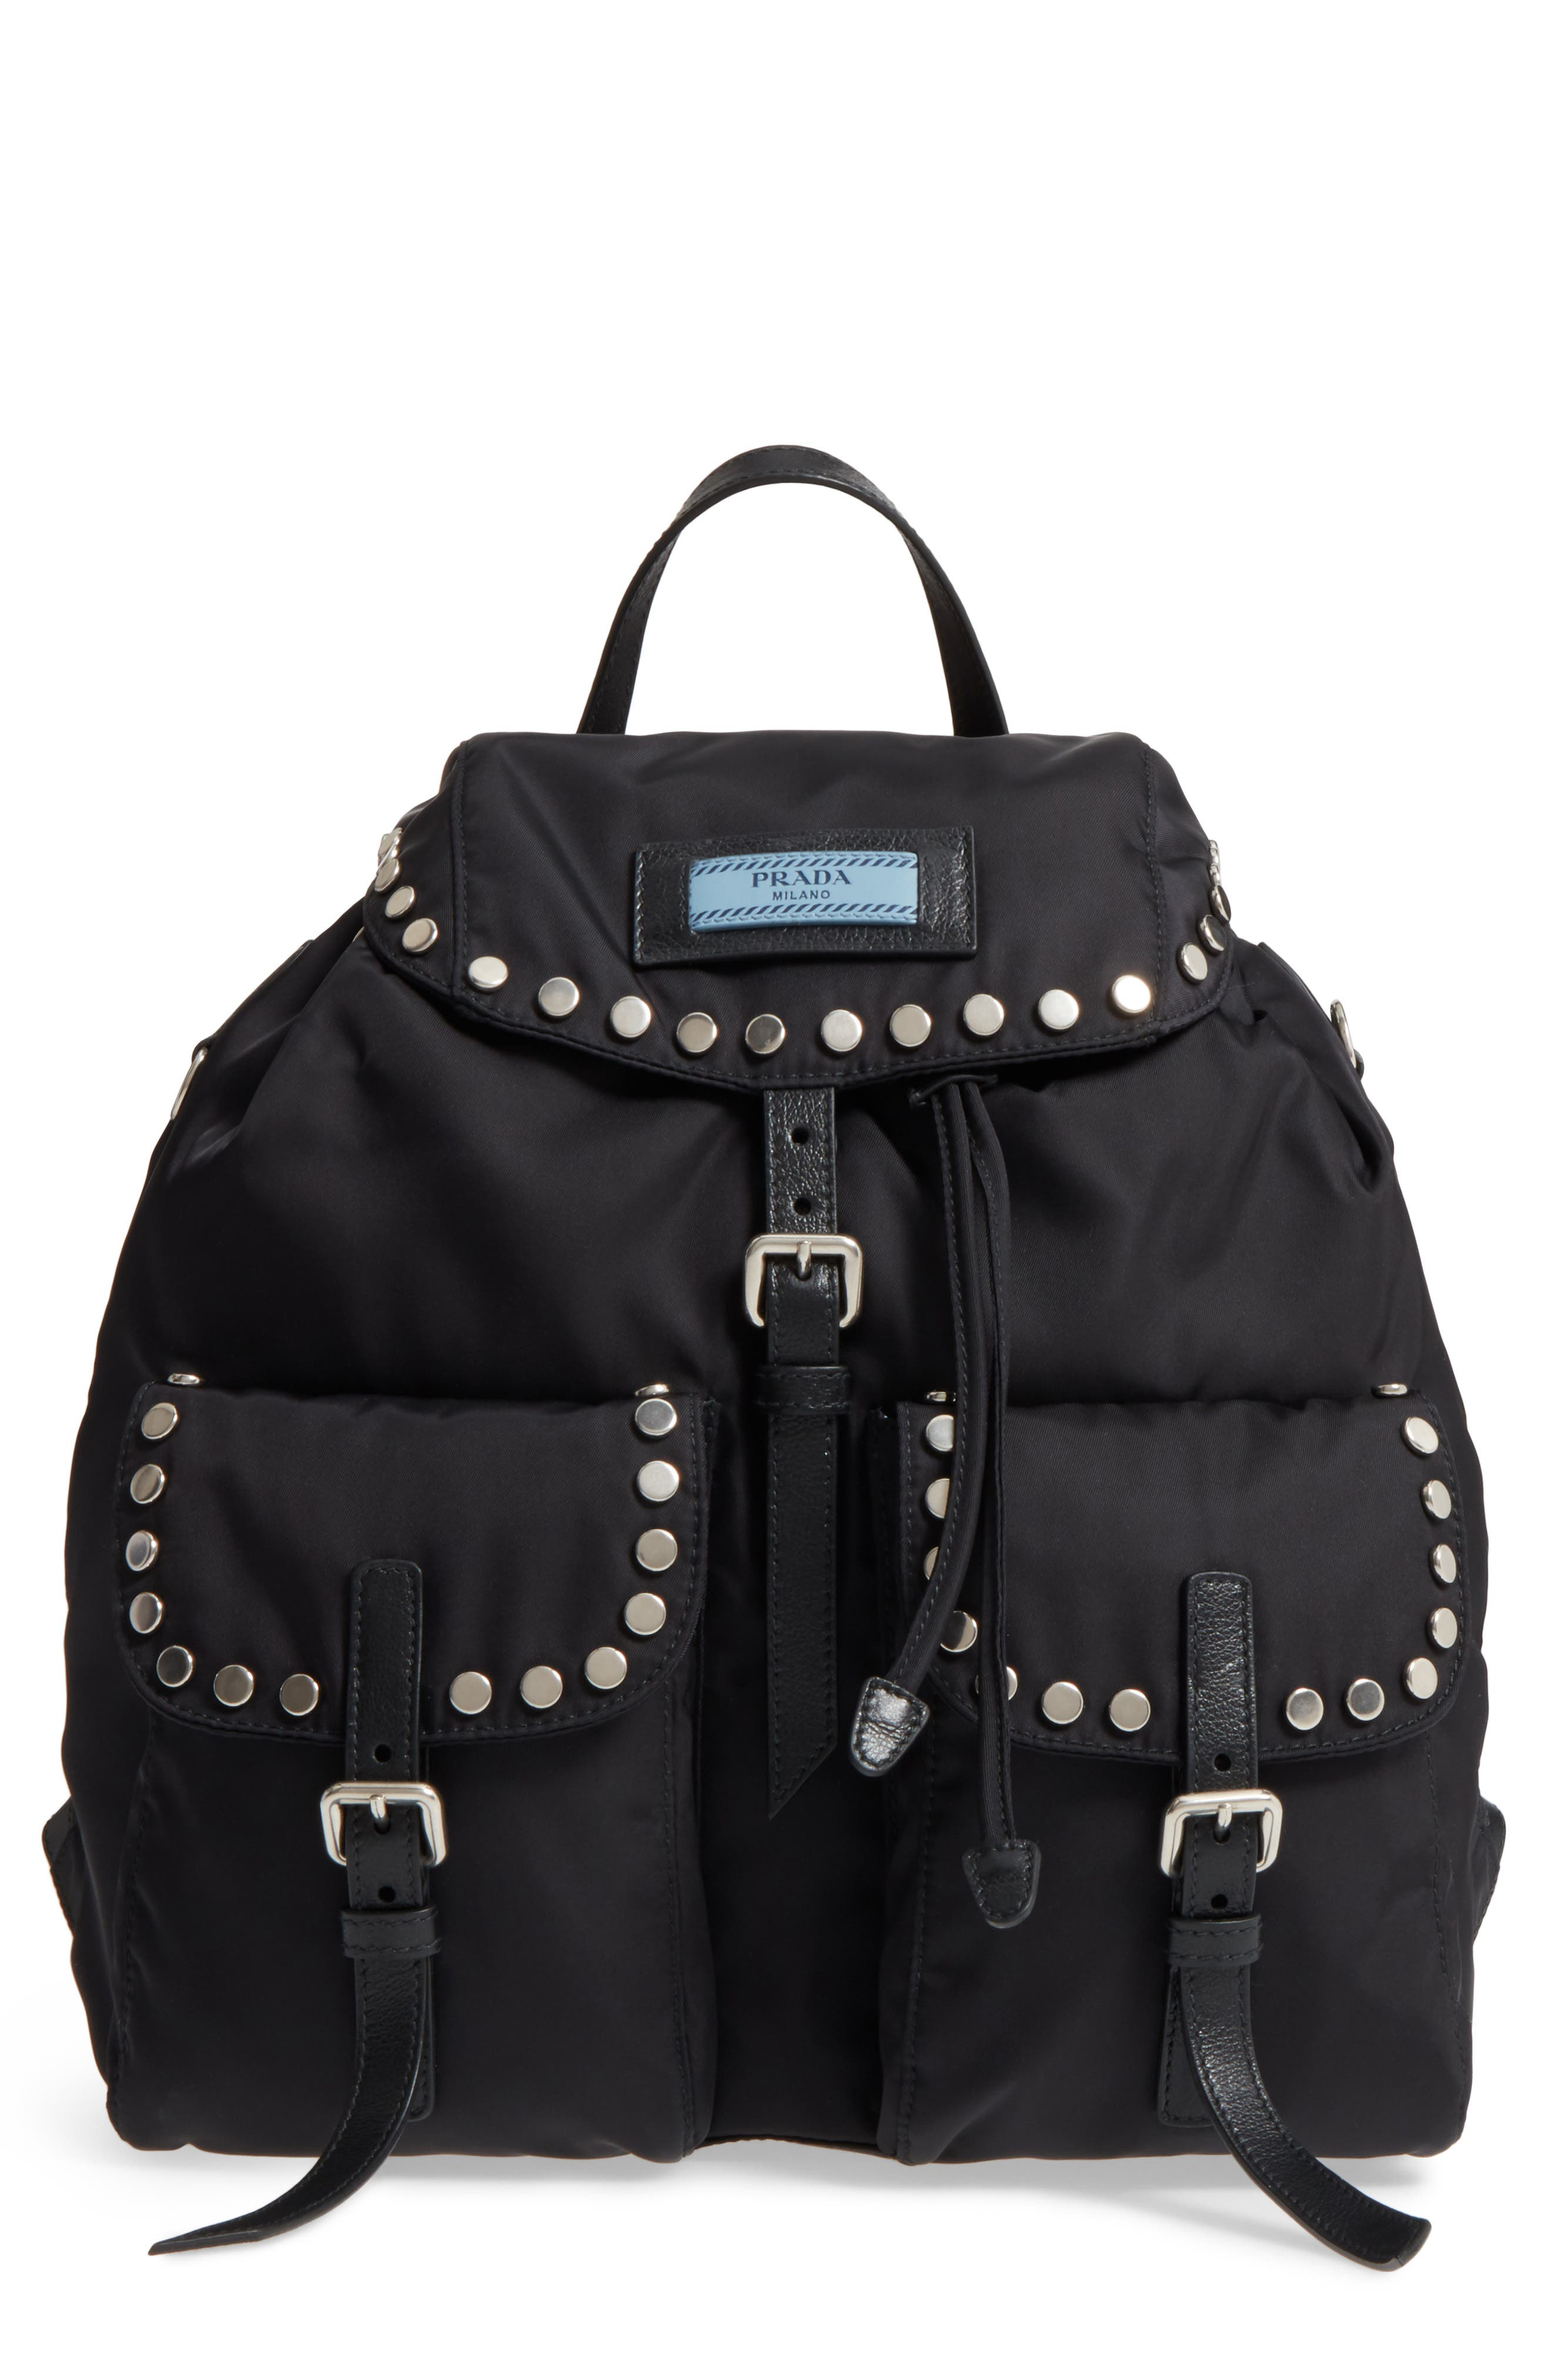 39aa6fa6fb15 ... czech prada tessuto etiquette nylon backpack 352b8 3366b